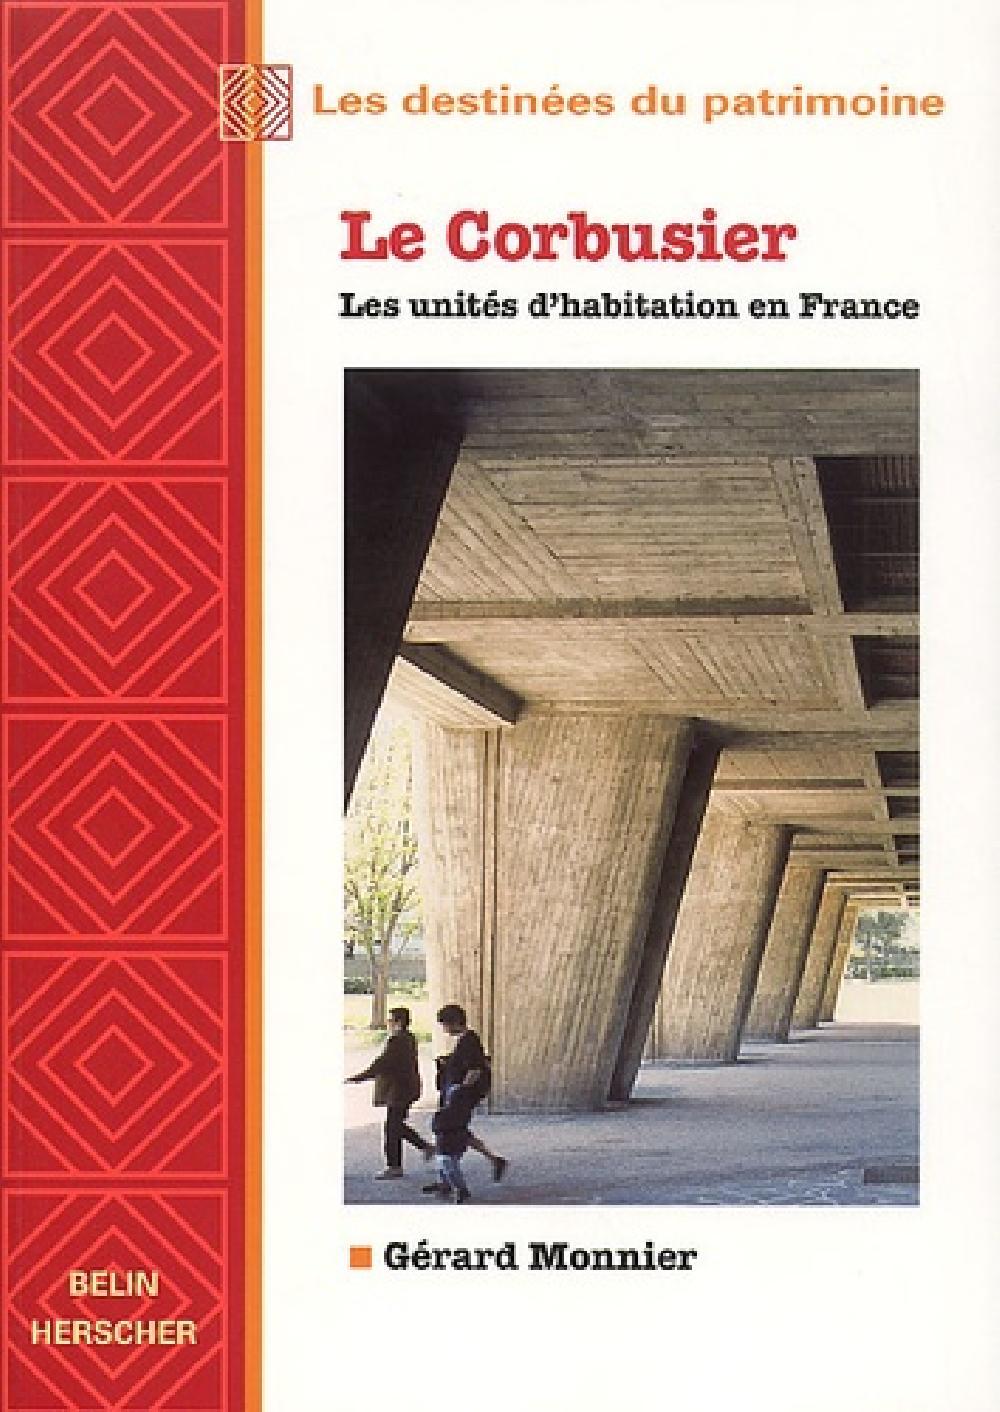 Le Corbusier - Les Unités d'habitation en France